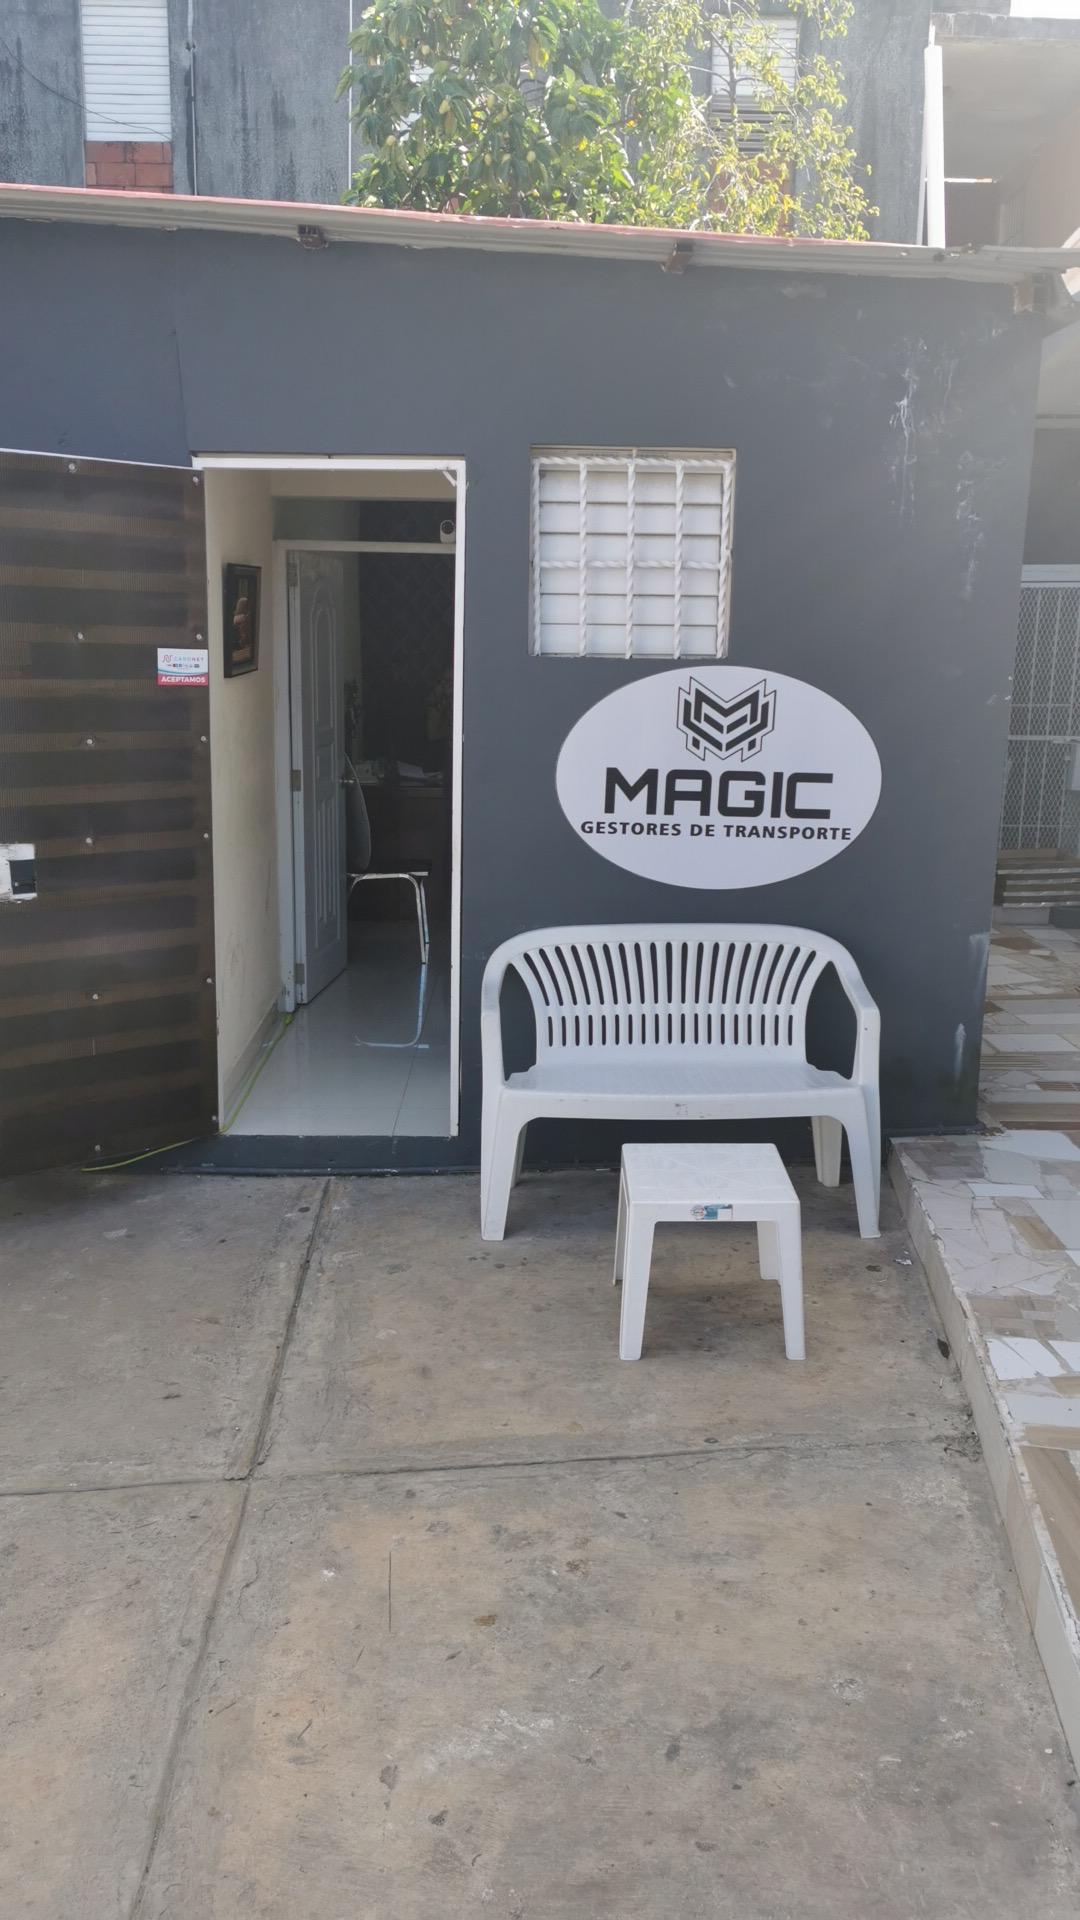 Magic Gestores